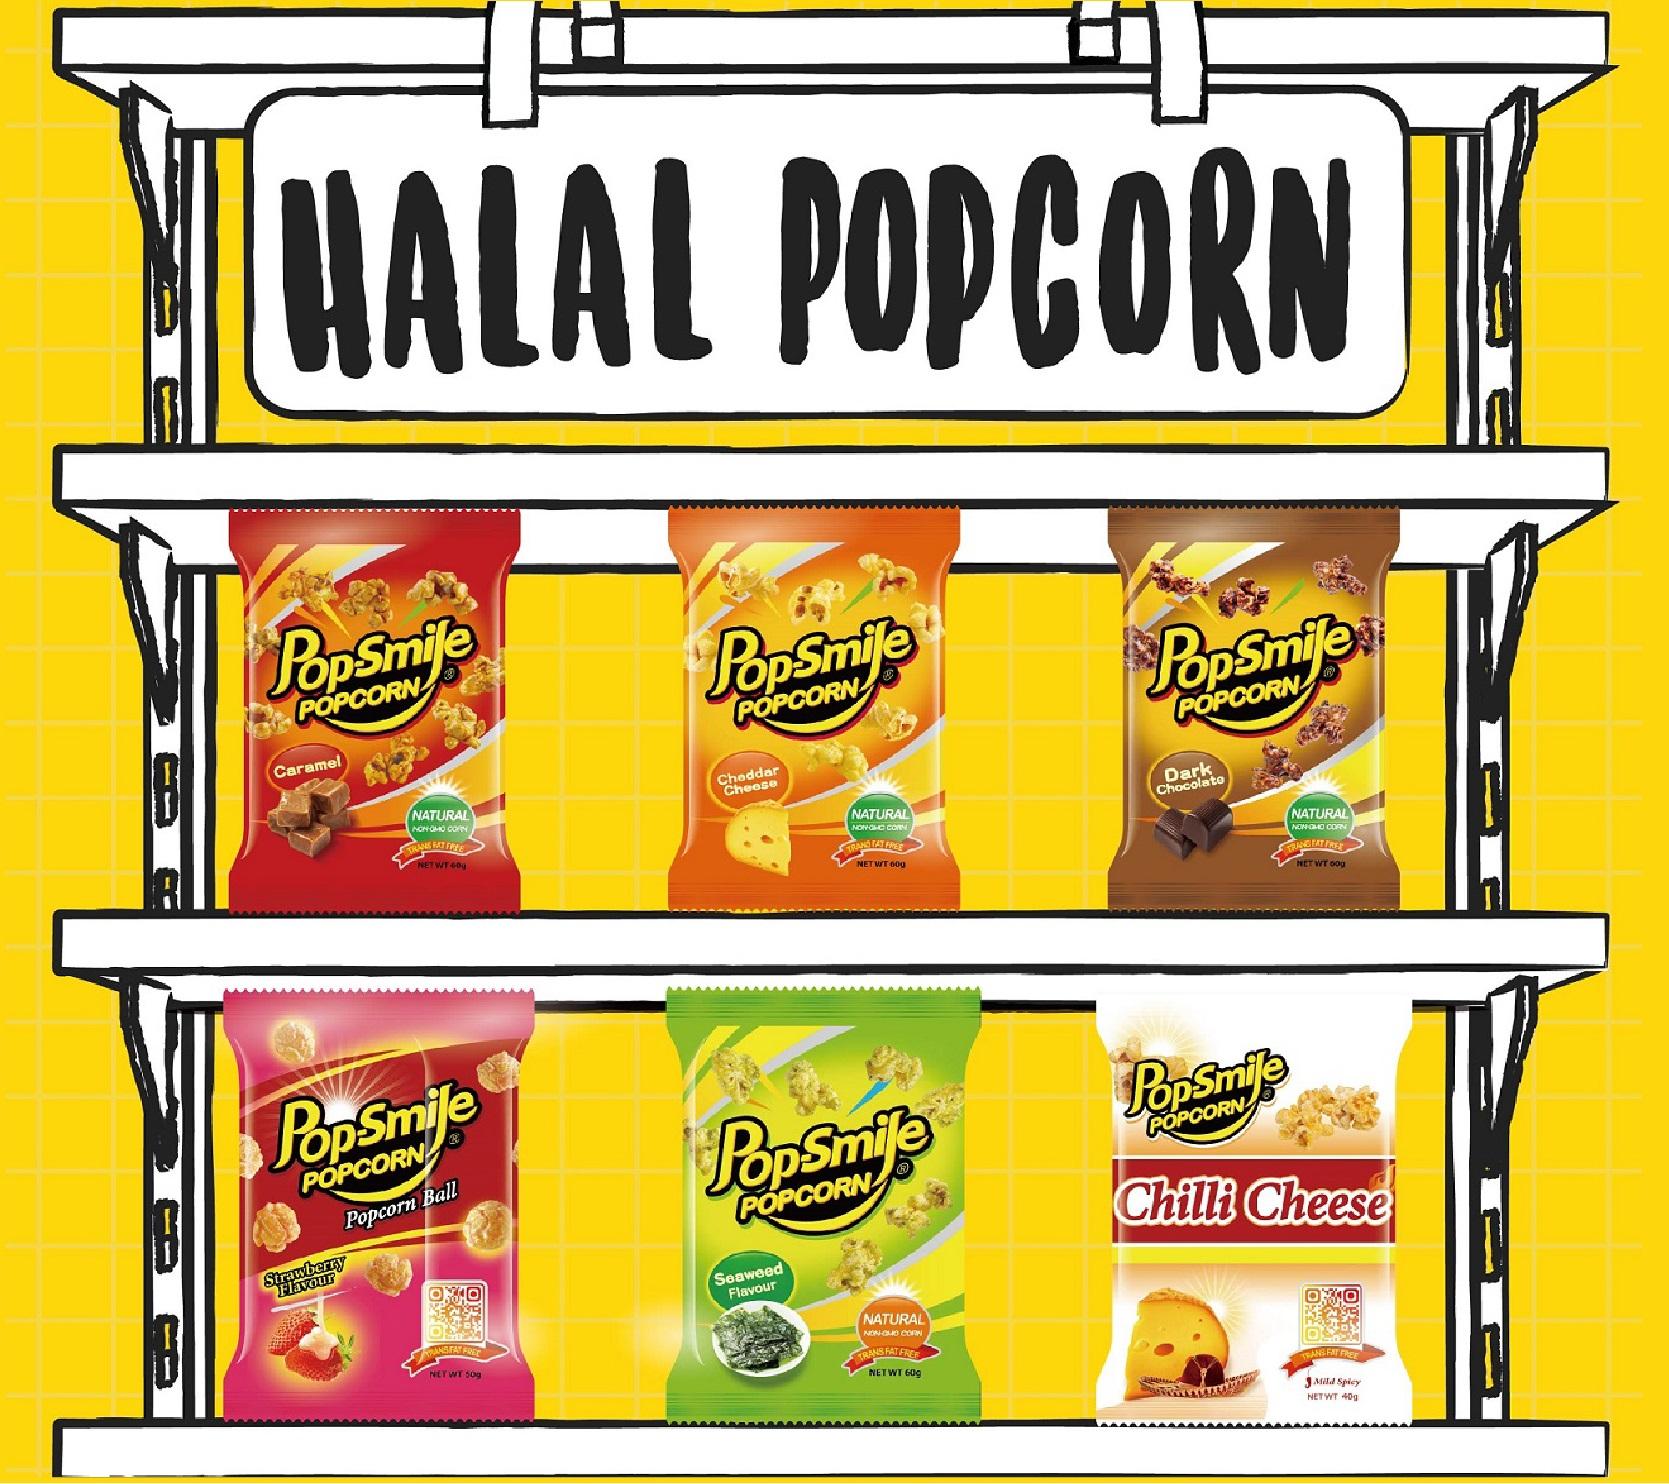 Pop-Smile Popcorn Caramel Flavor 60g Halal Certificate